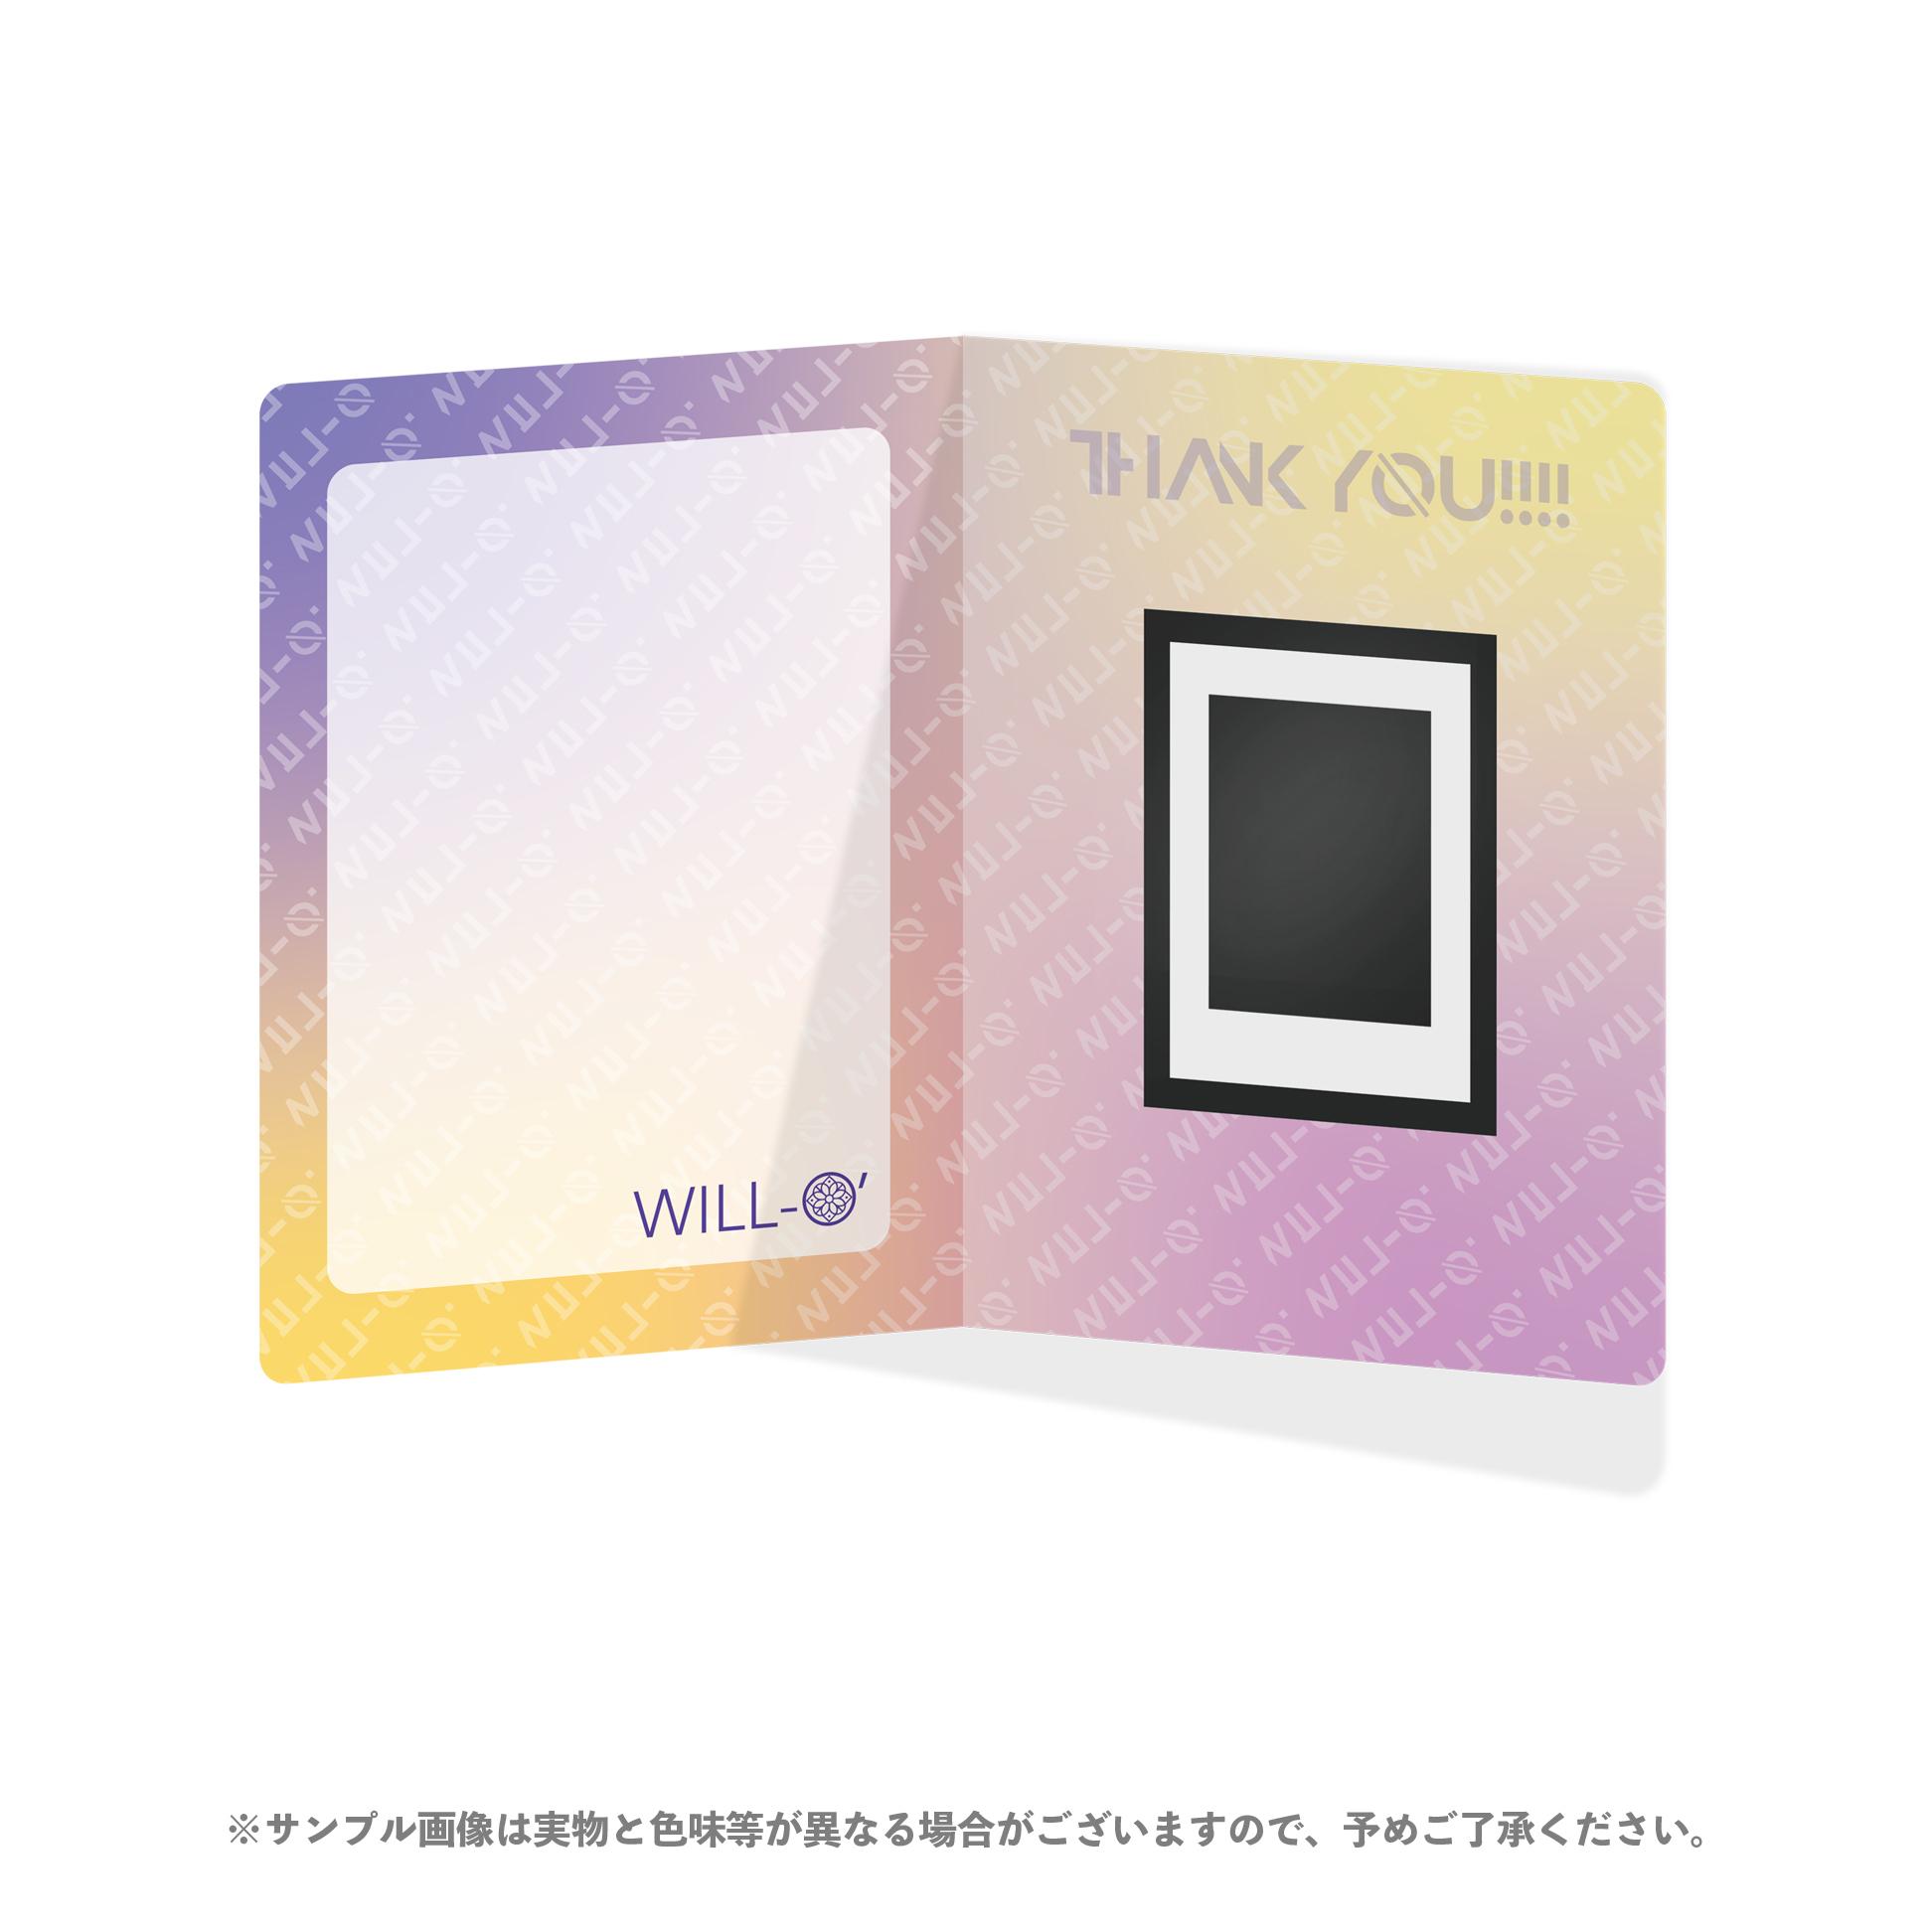 【小森うずら】FC限定/特製カードボードつきソロチェキ(ハロウィン)